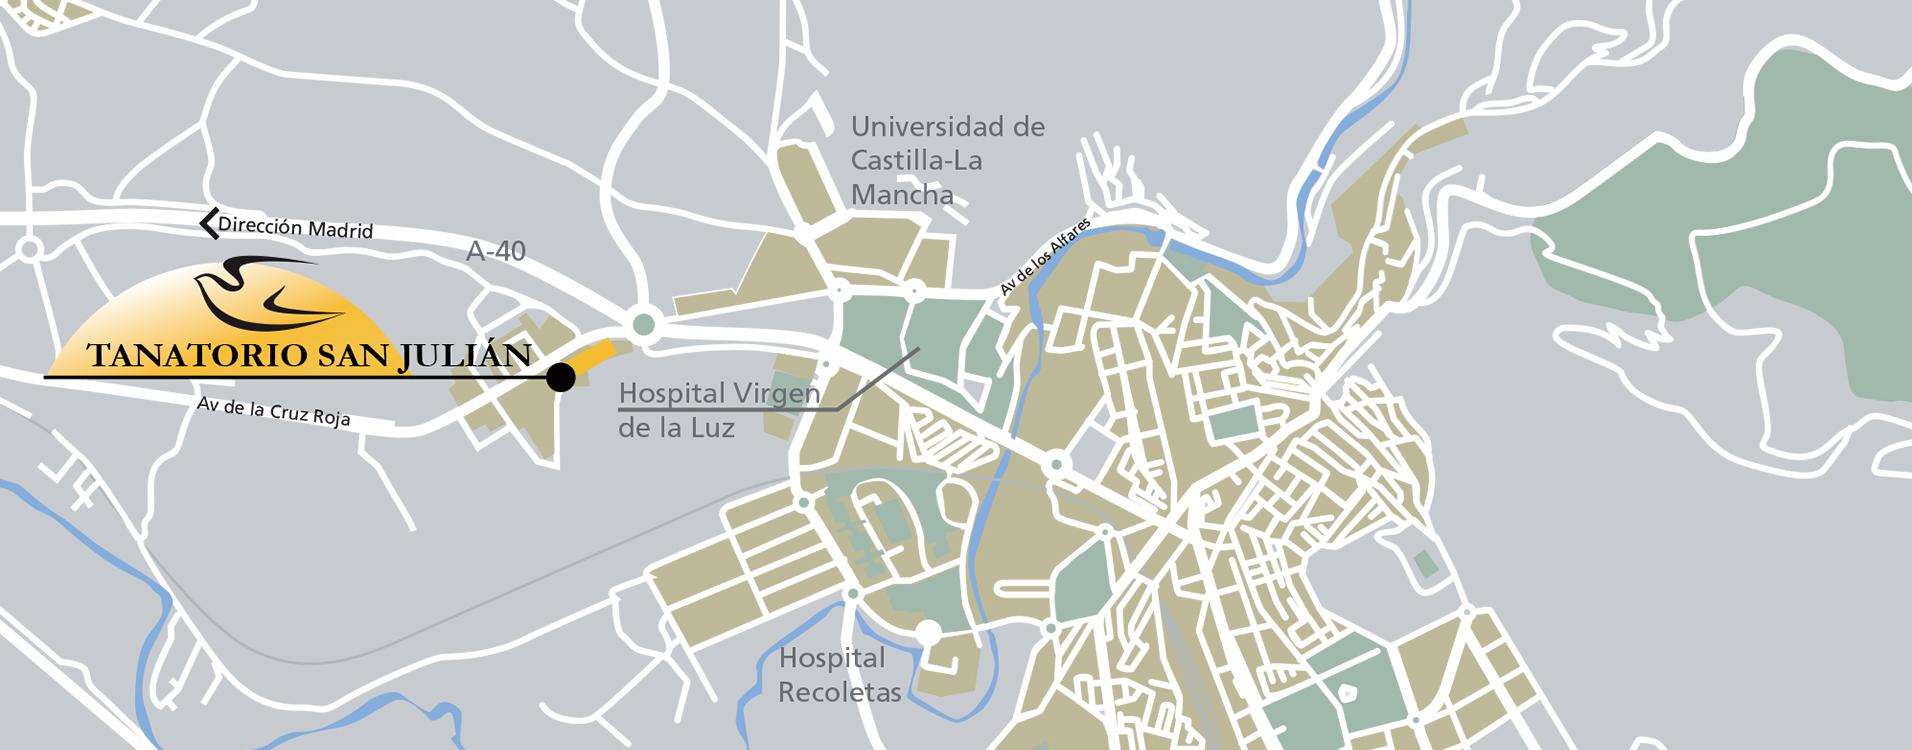 Localización de servicios funerarios en Cuenca. Tanatorio San Julián. Grupo Alborada